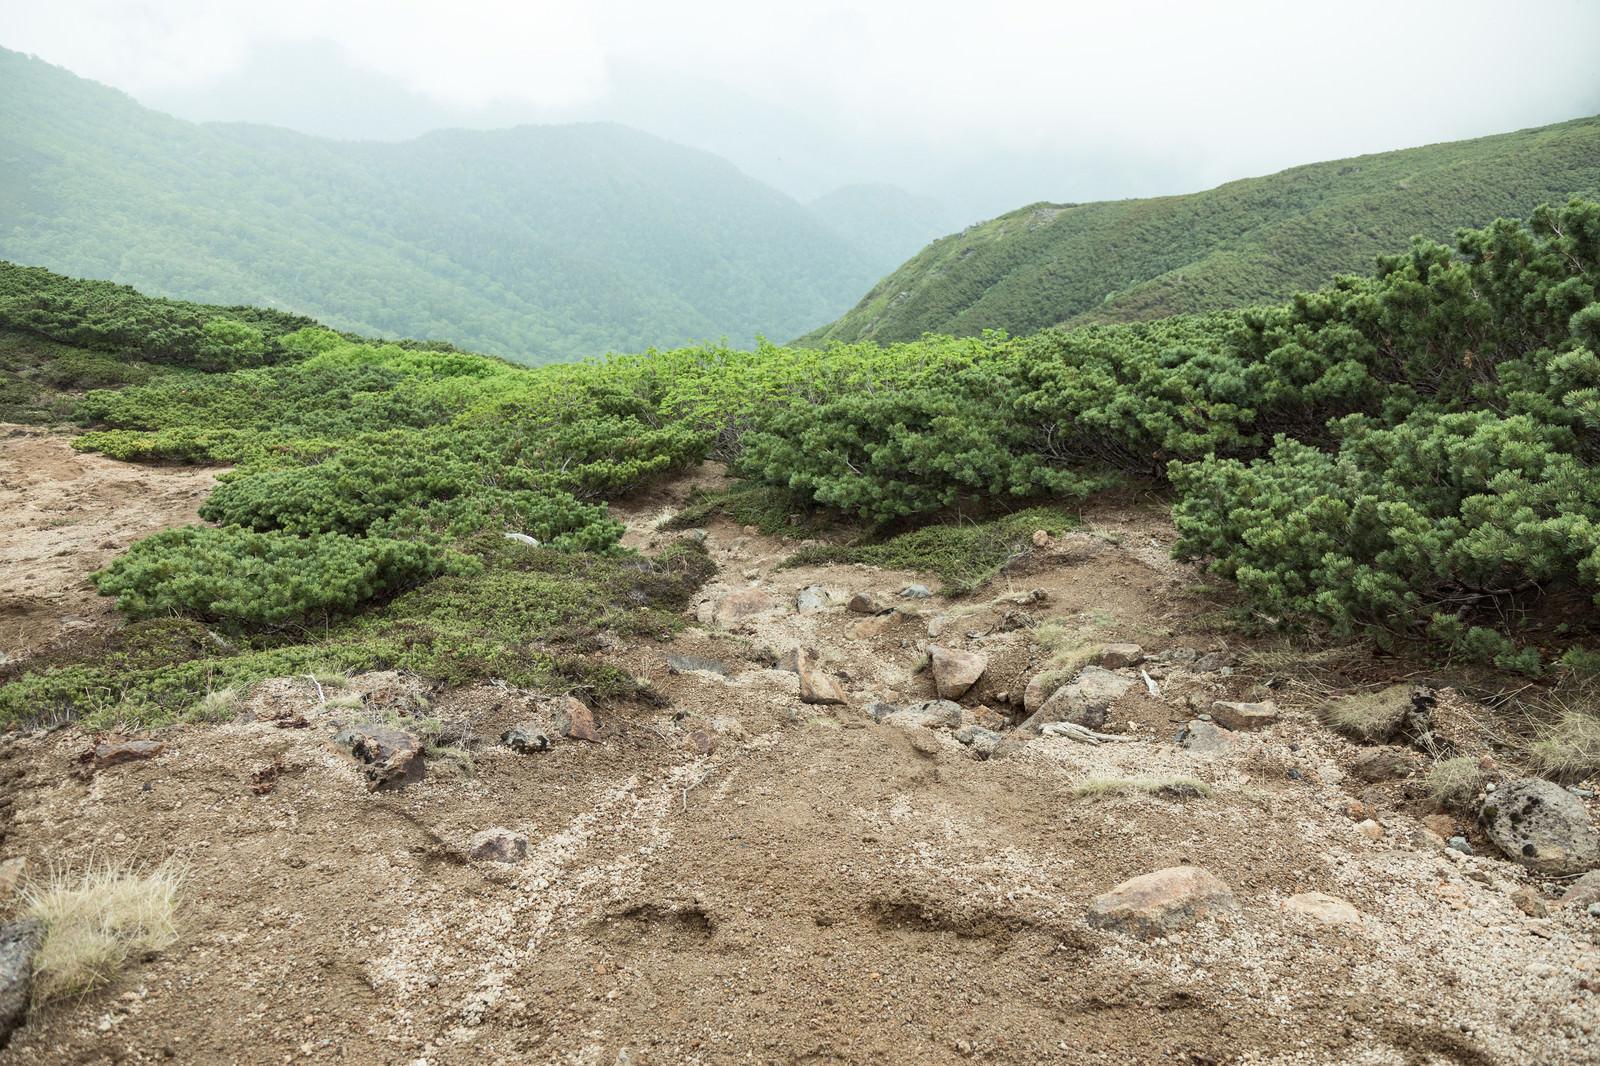 「低木しか育たない標高が高い登山道」の写真